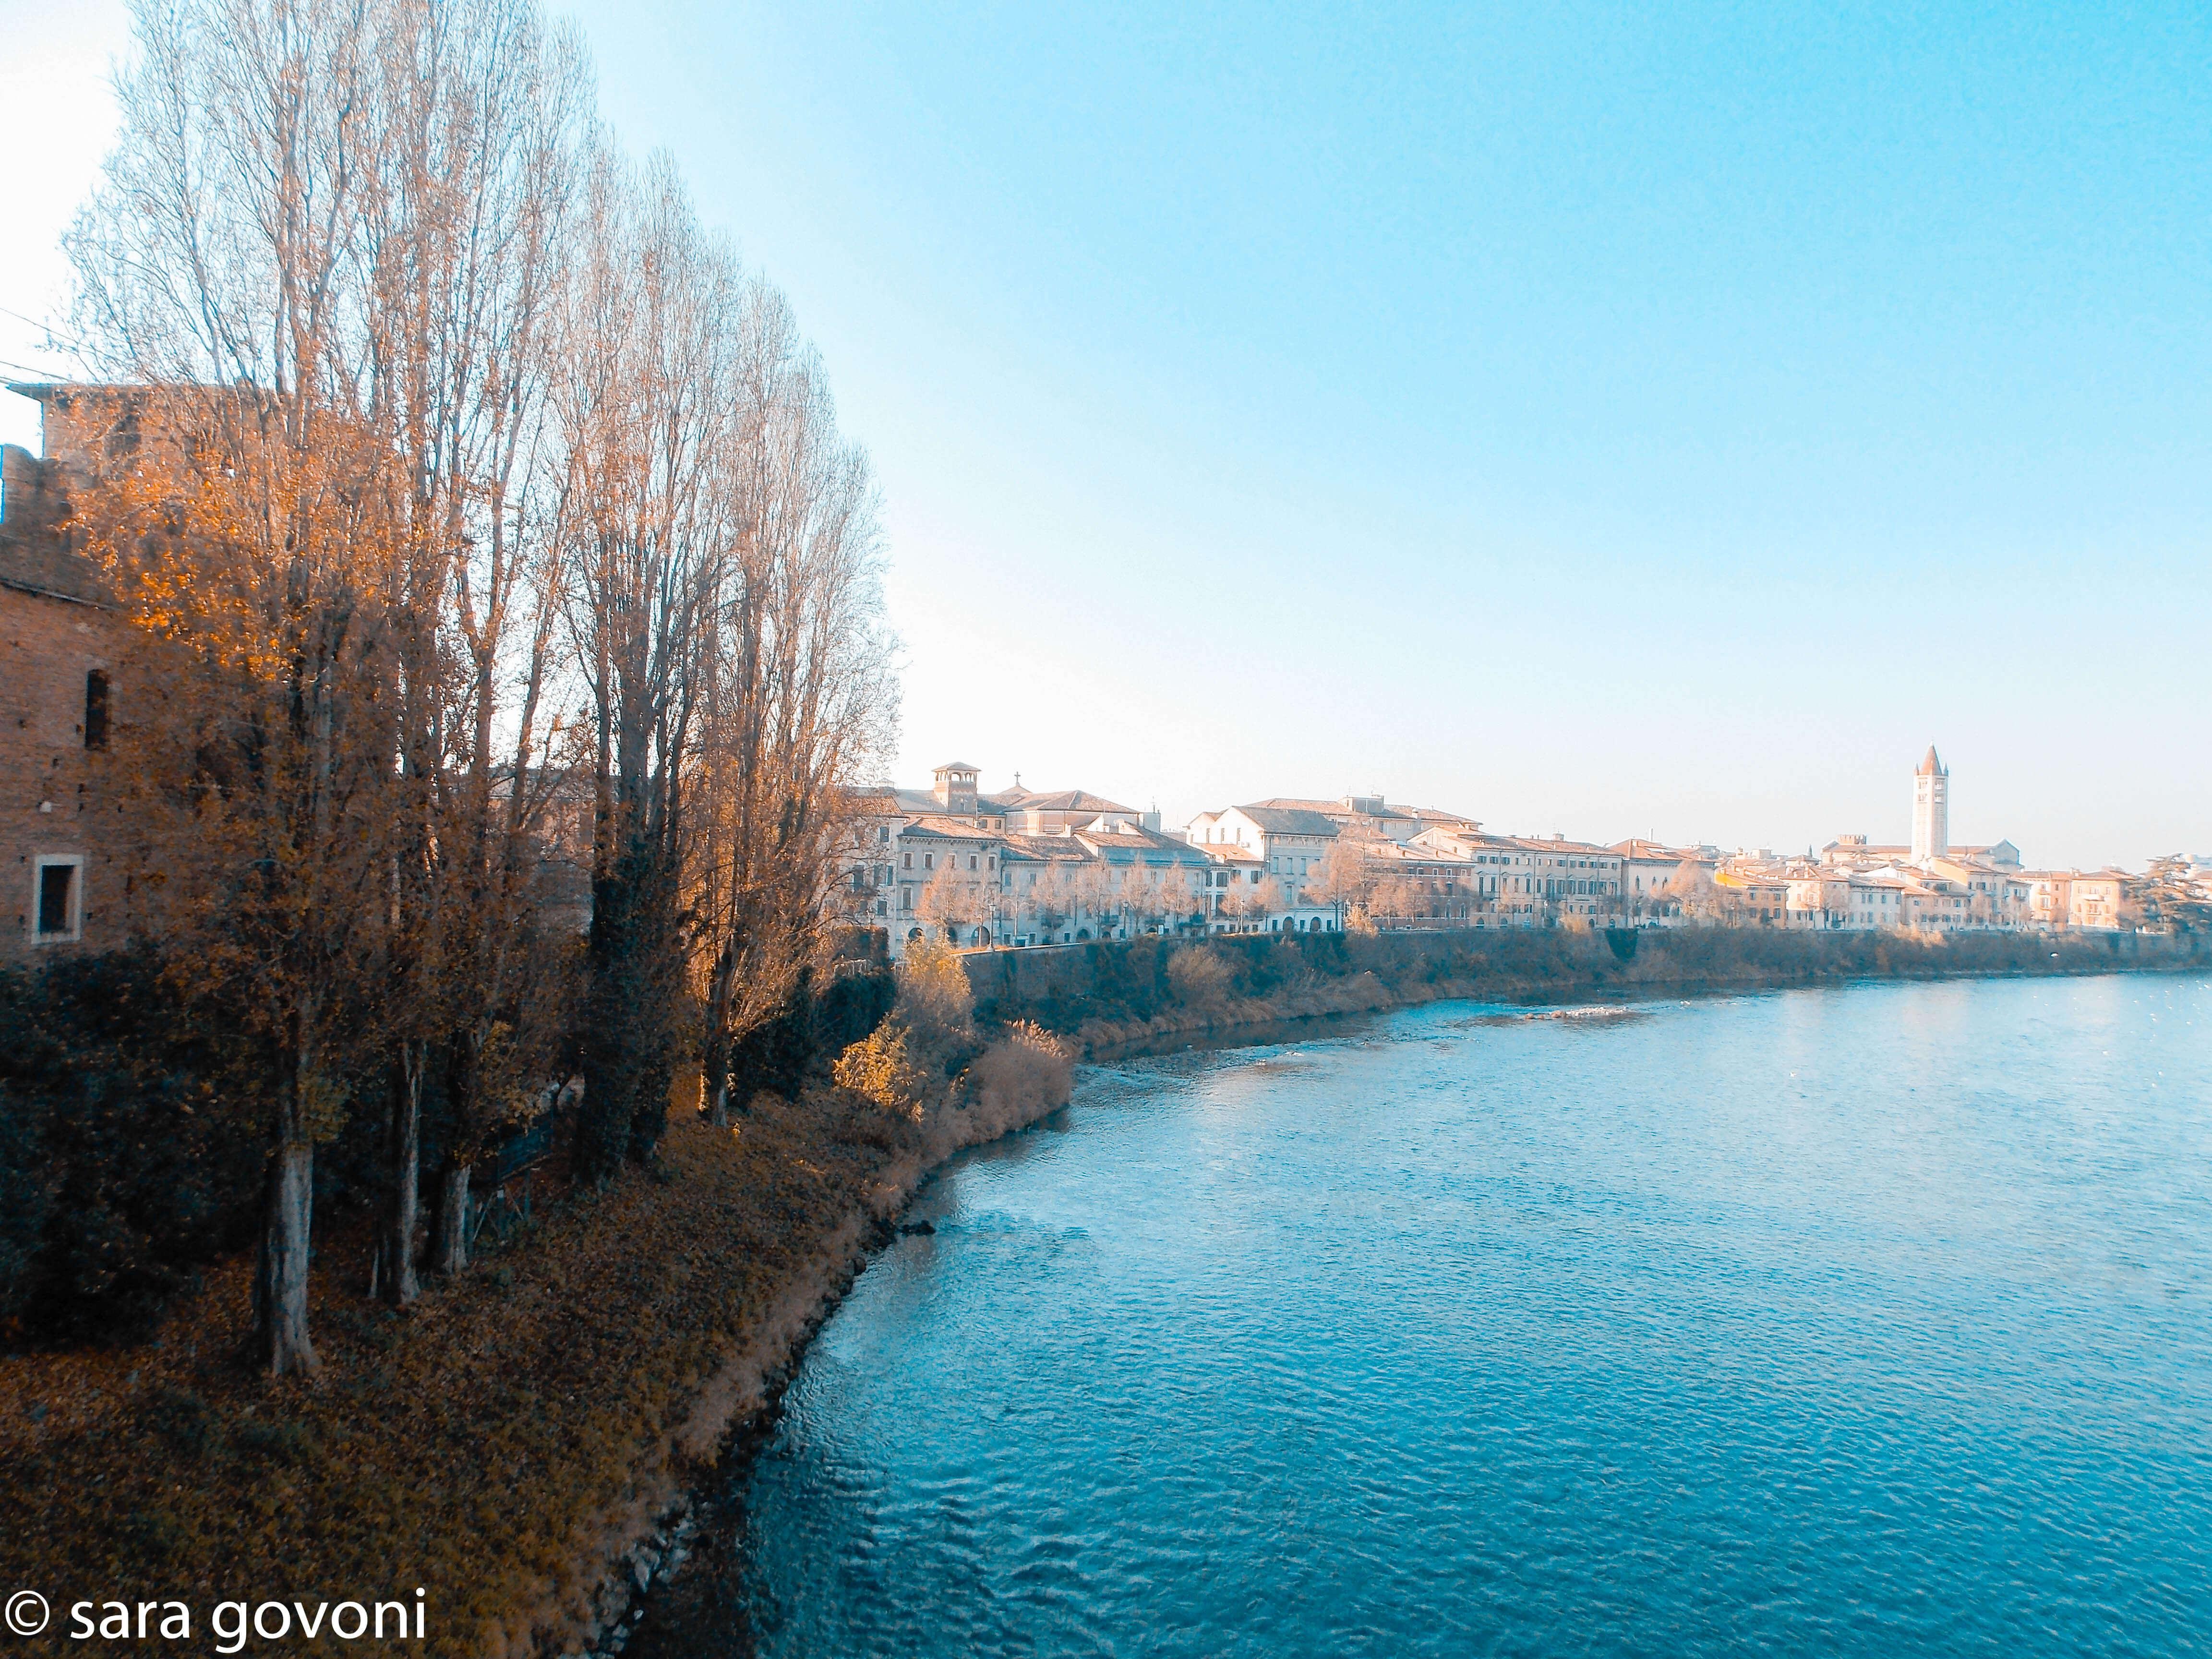 La vista dal ponte di Castelvecchio